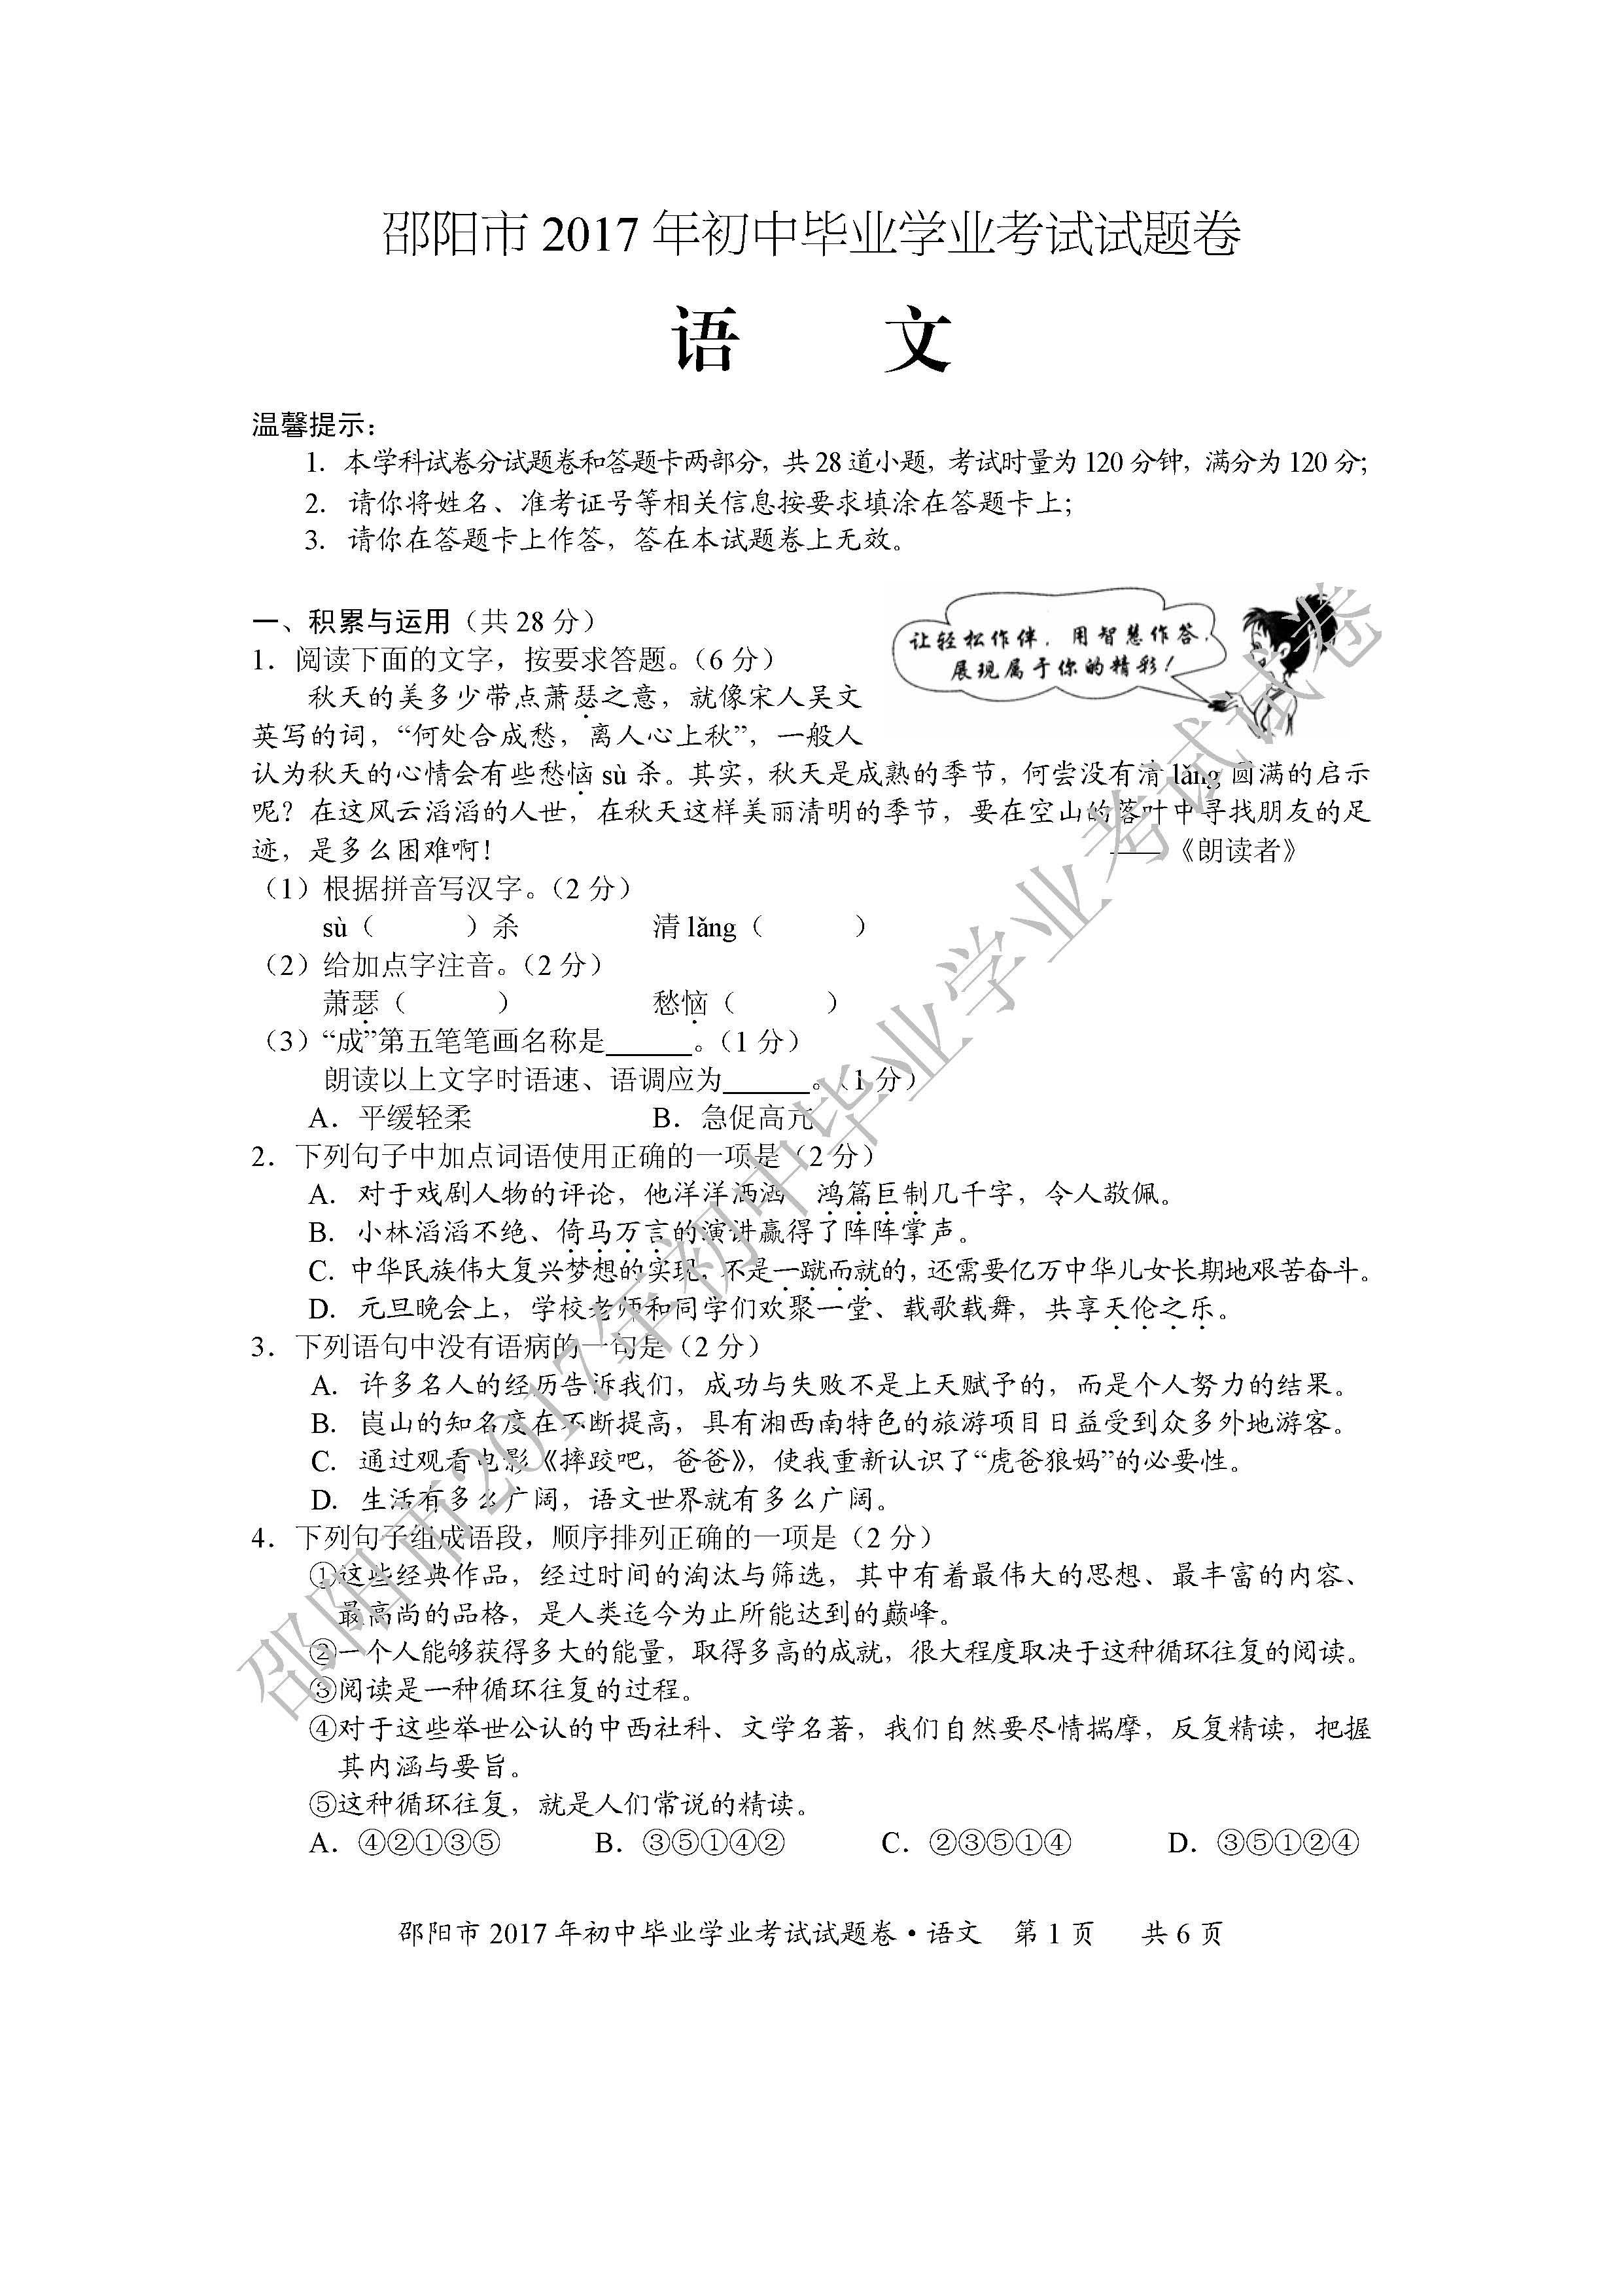 2017邵阳中考语文试题及答案解析(图片版含答案)